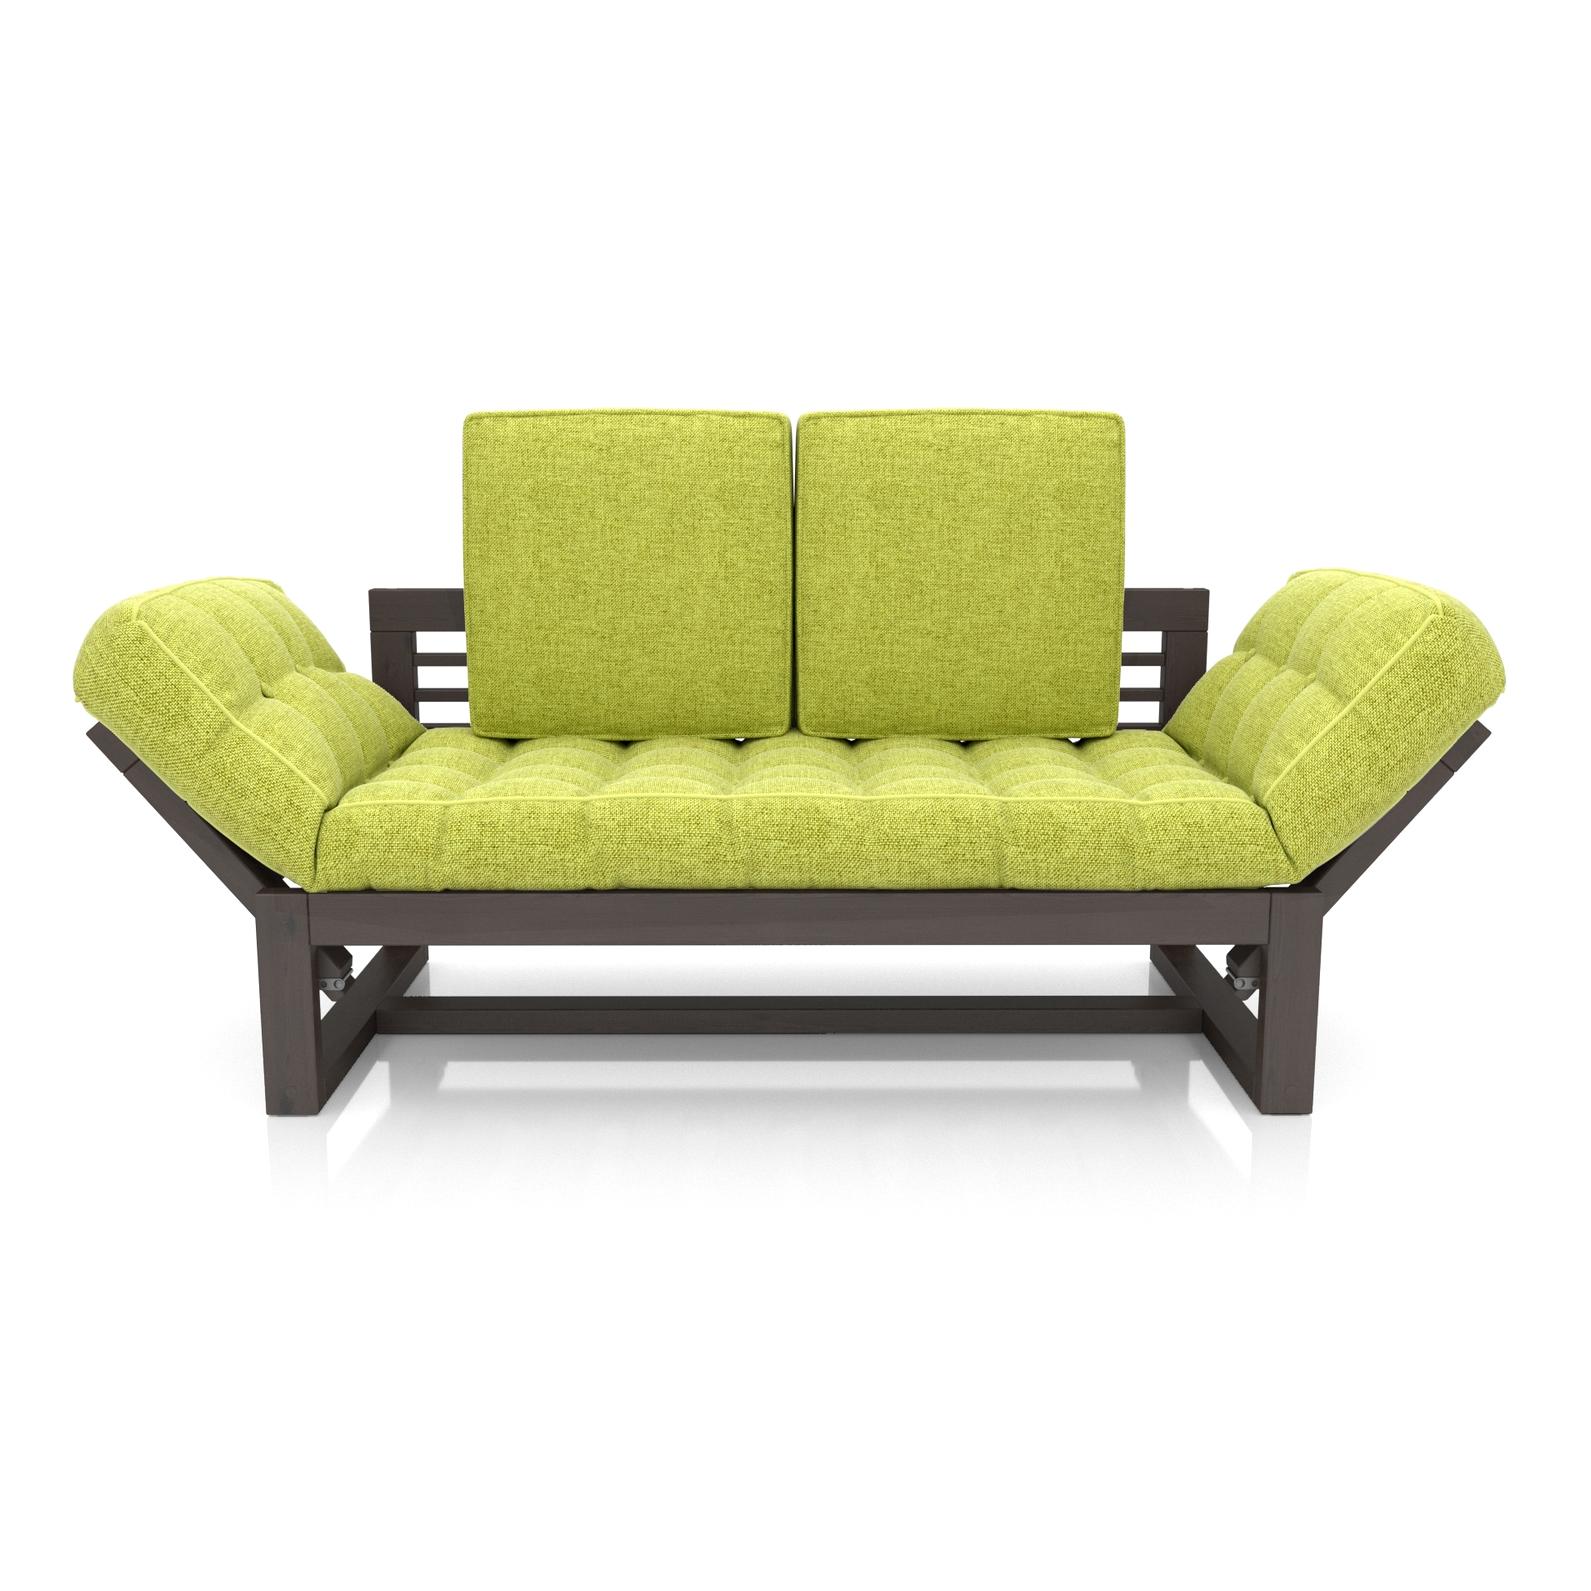 Кушетка AS Бекка 170x76x65 венге/зеленый